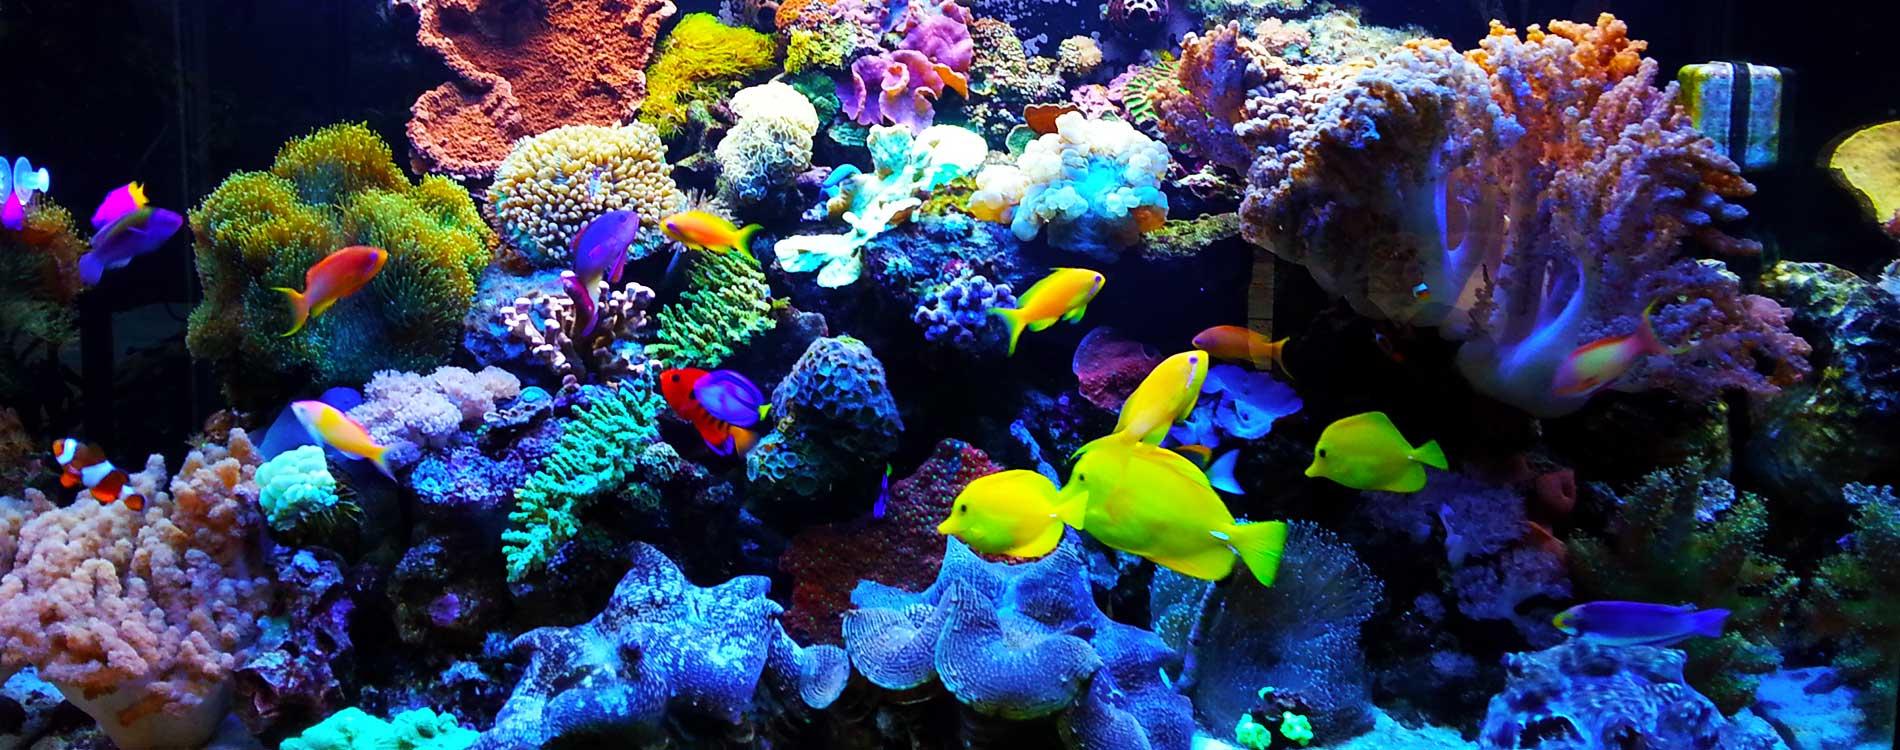 Complete Aquarium - Home